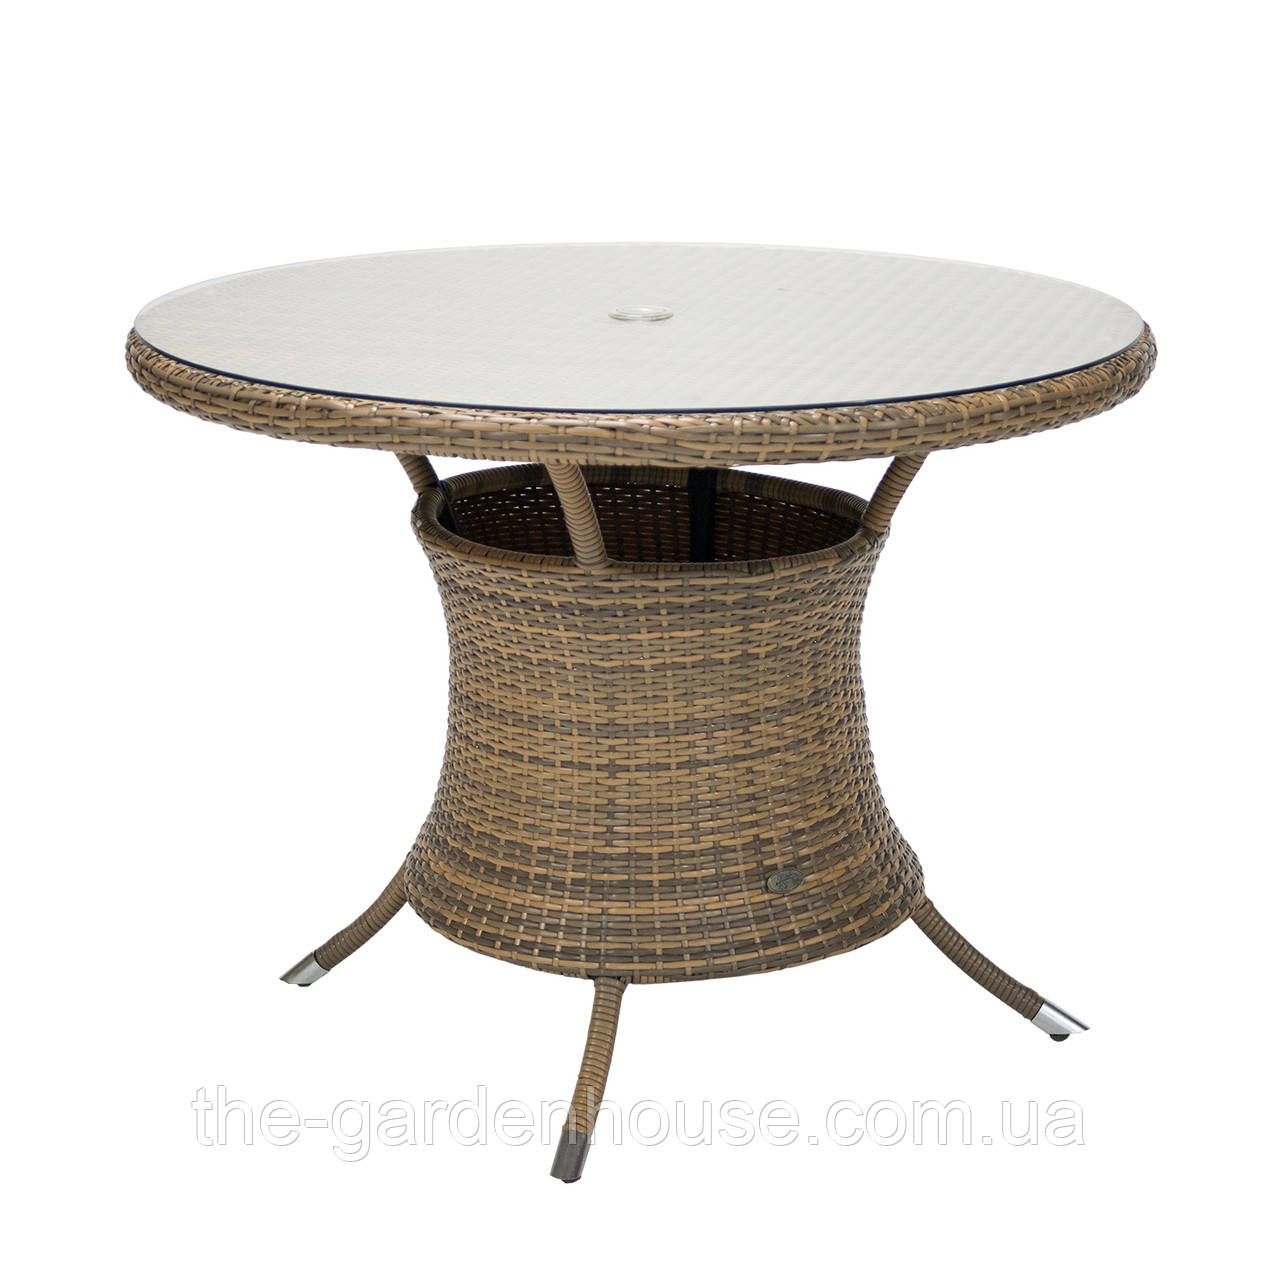 Садовый стол Викер из искусственного ротанга Ø 100 см капучино